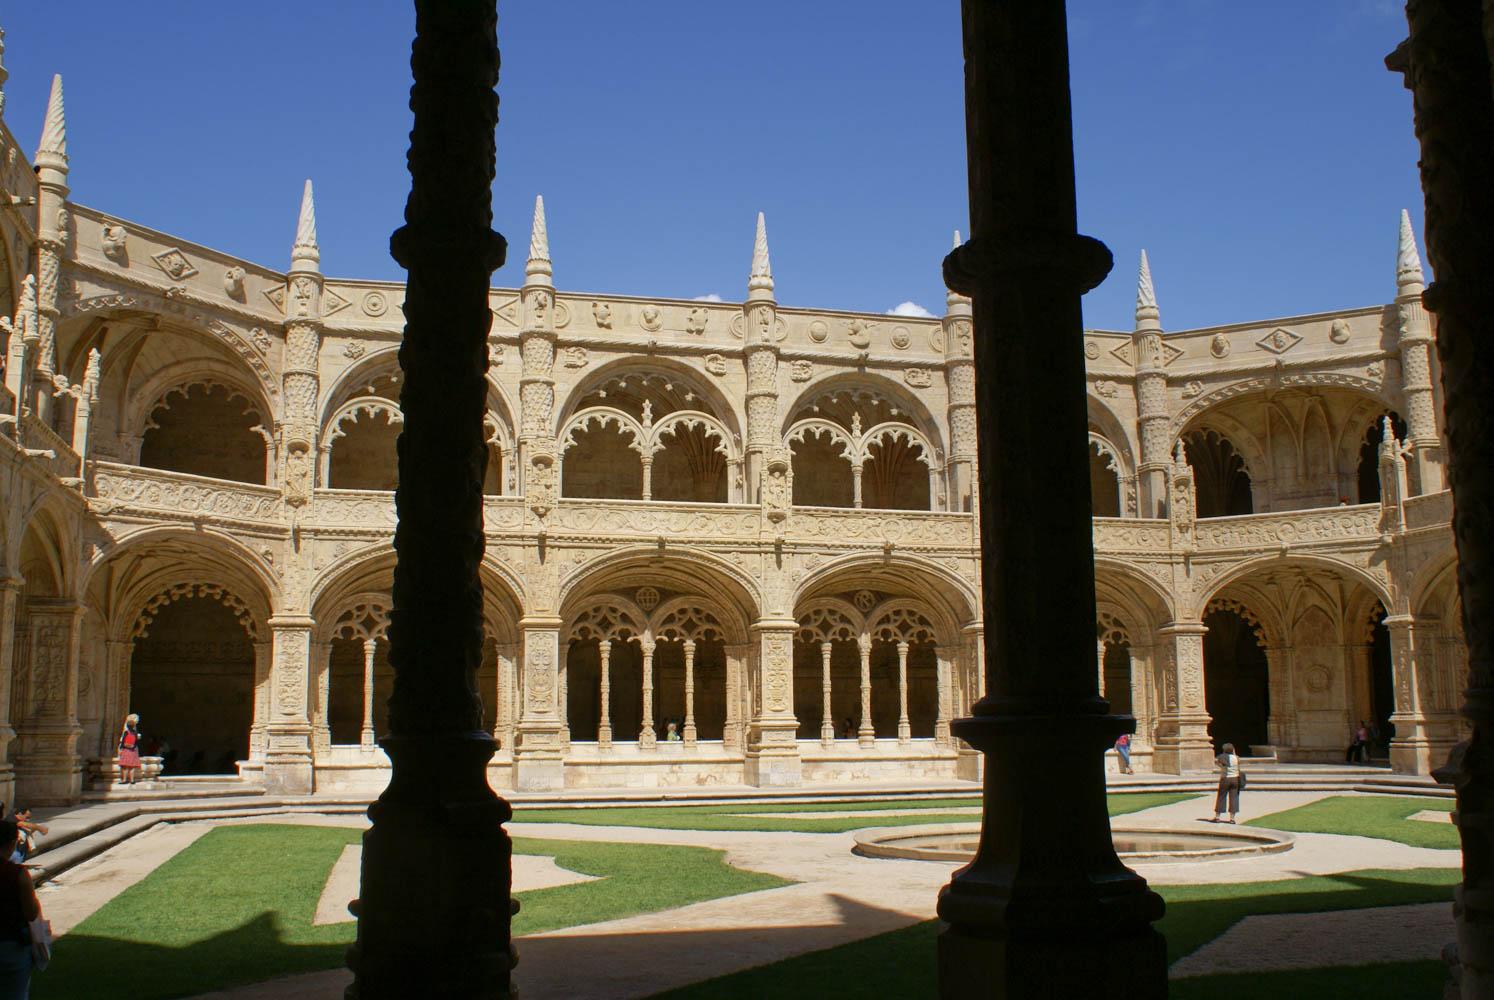 Courtyard of Monastery of Jeronimos in Belem